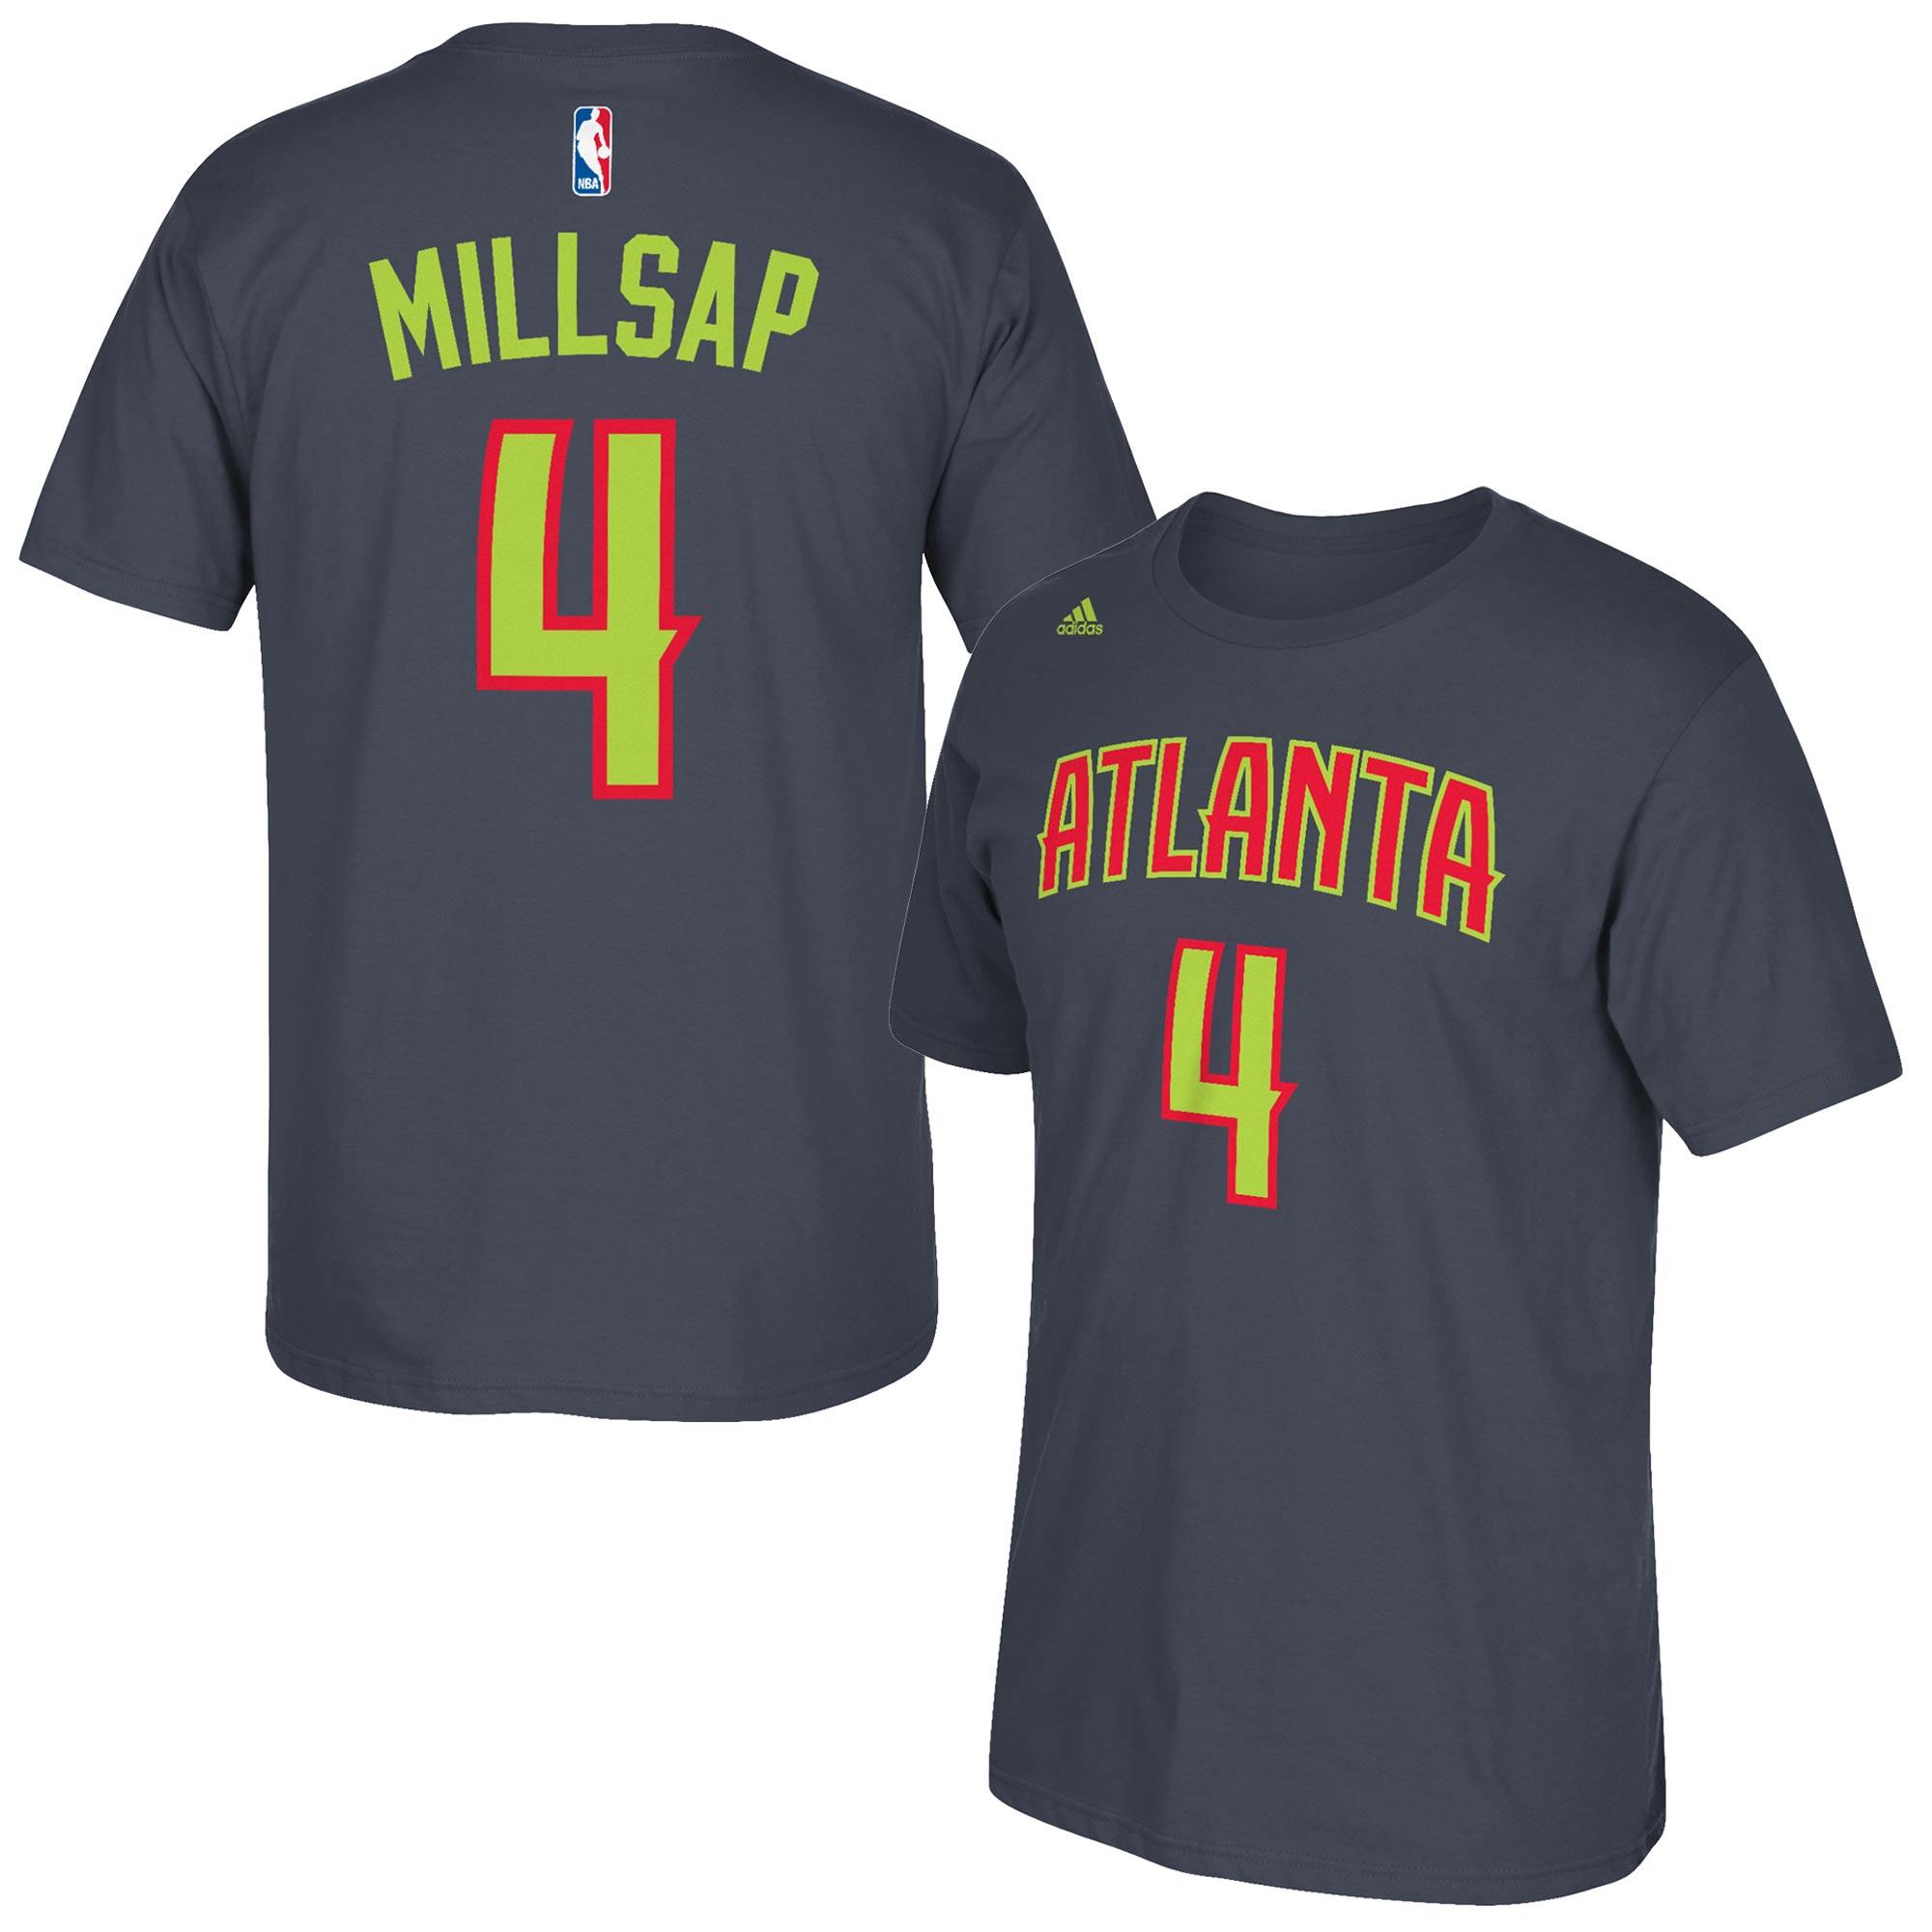 Paul Millsap Atlanta Hawks adidas Net Number T-Shirt - Gray